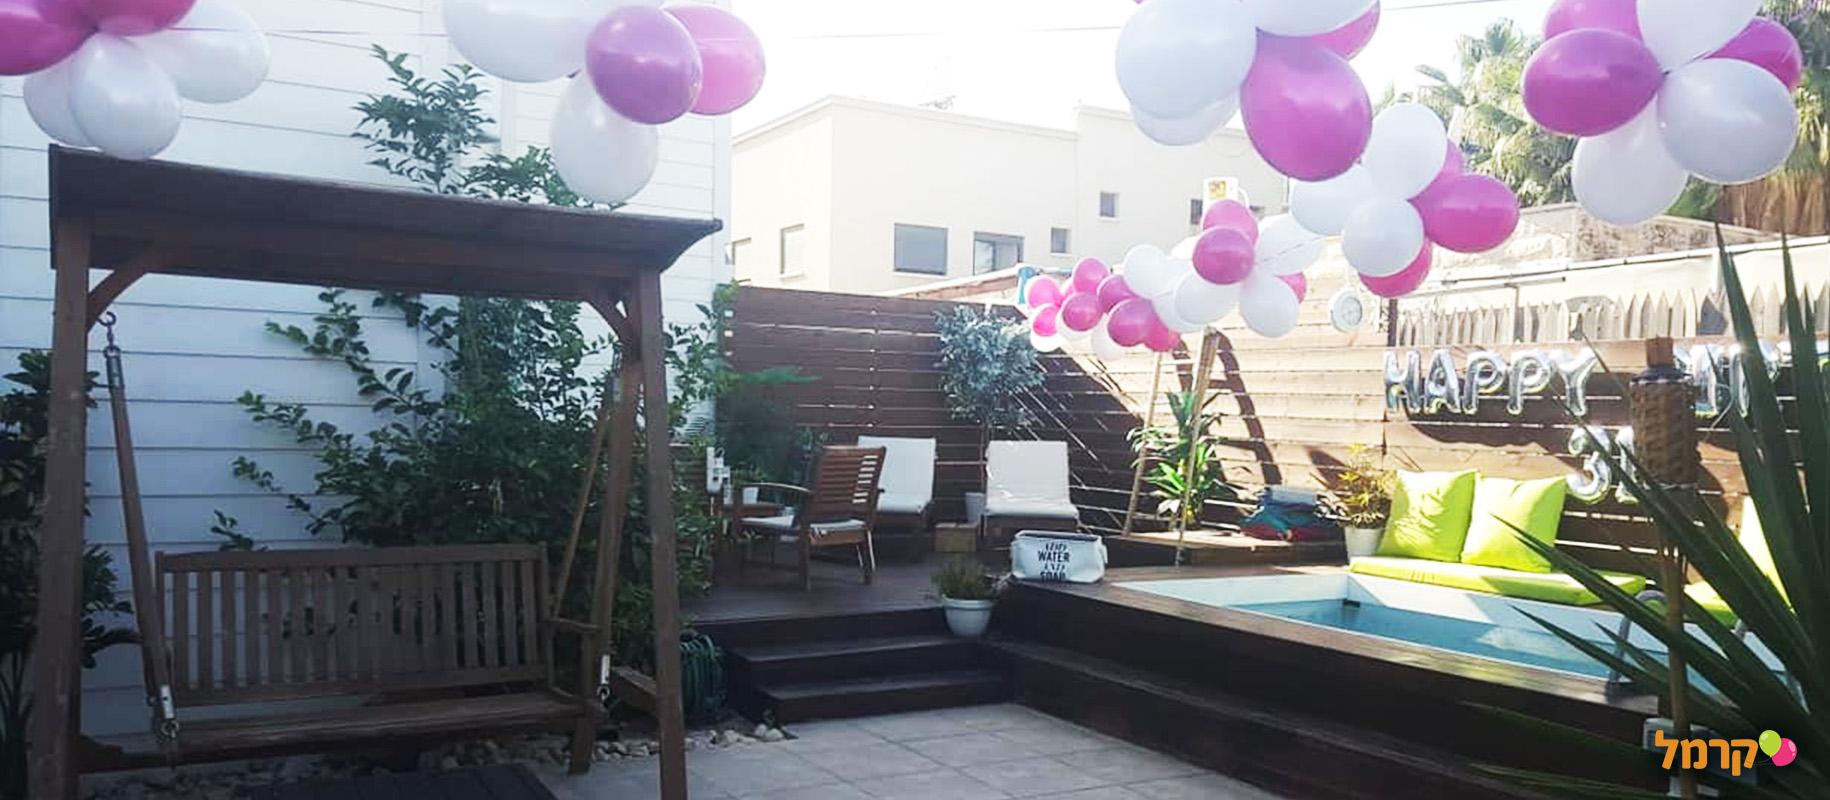 סי מיה - מתחם אירועים מפנק - 073-7026275